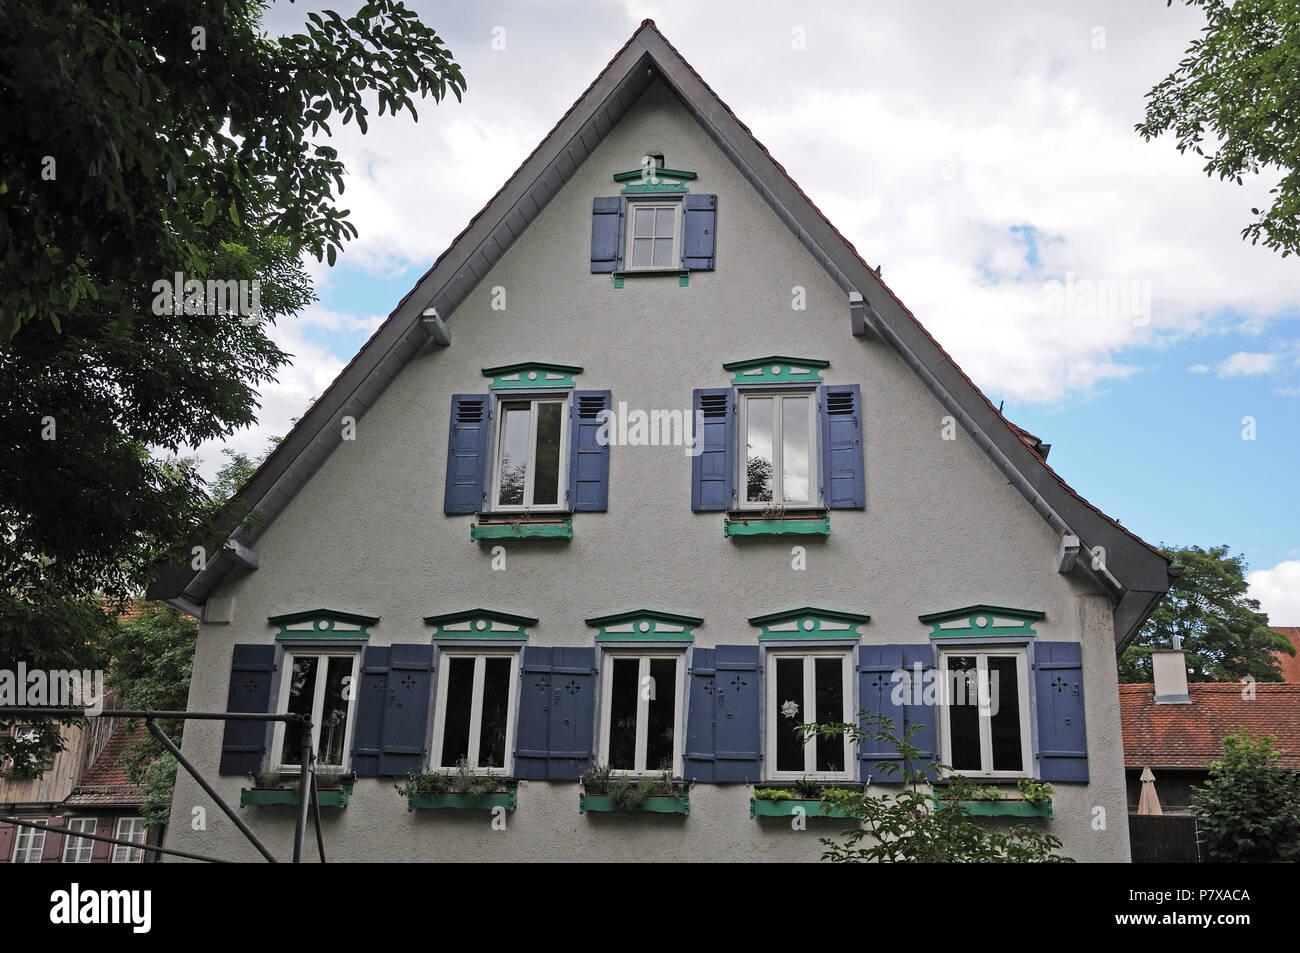 Fioriere Per Persiane ~ Casa con persiane in legno di colore blu e verde dipinto di